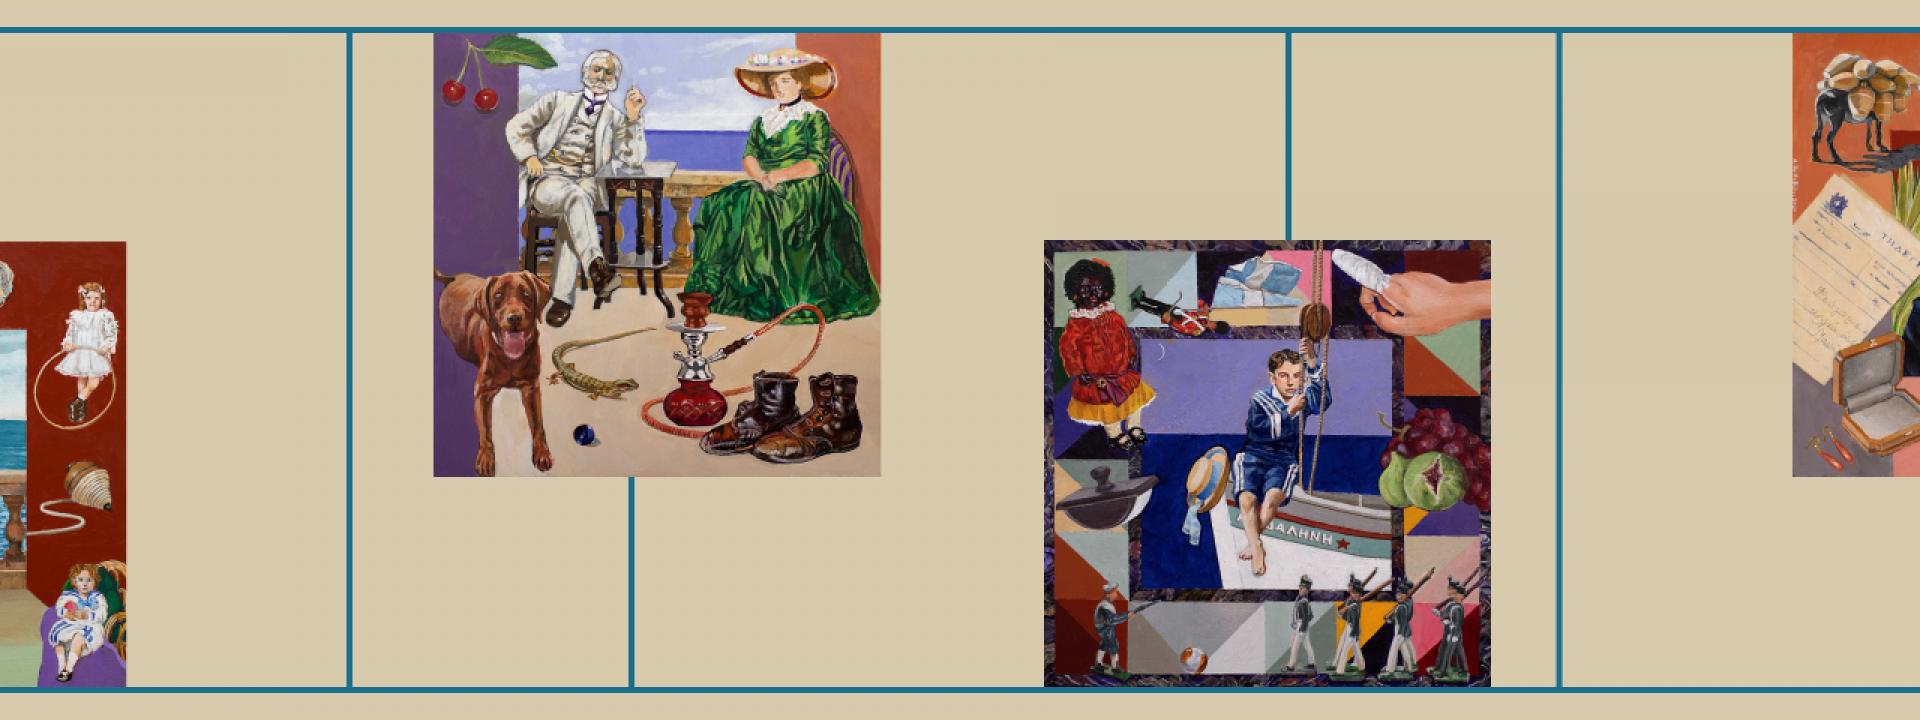 Εικαστικό με το 4ο έργο του ζωγράφου Αλέκου Λεβίδη για τη σειρά Αναγνώσεις: Τρελαντώνης